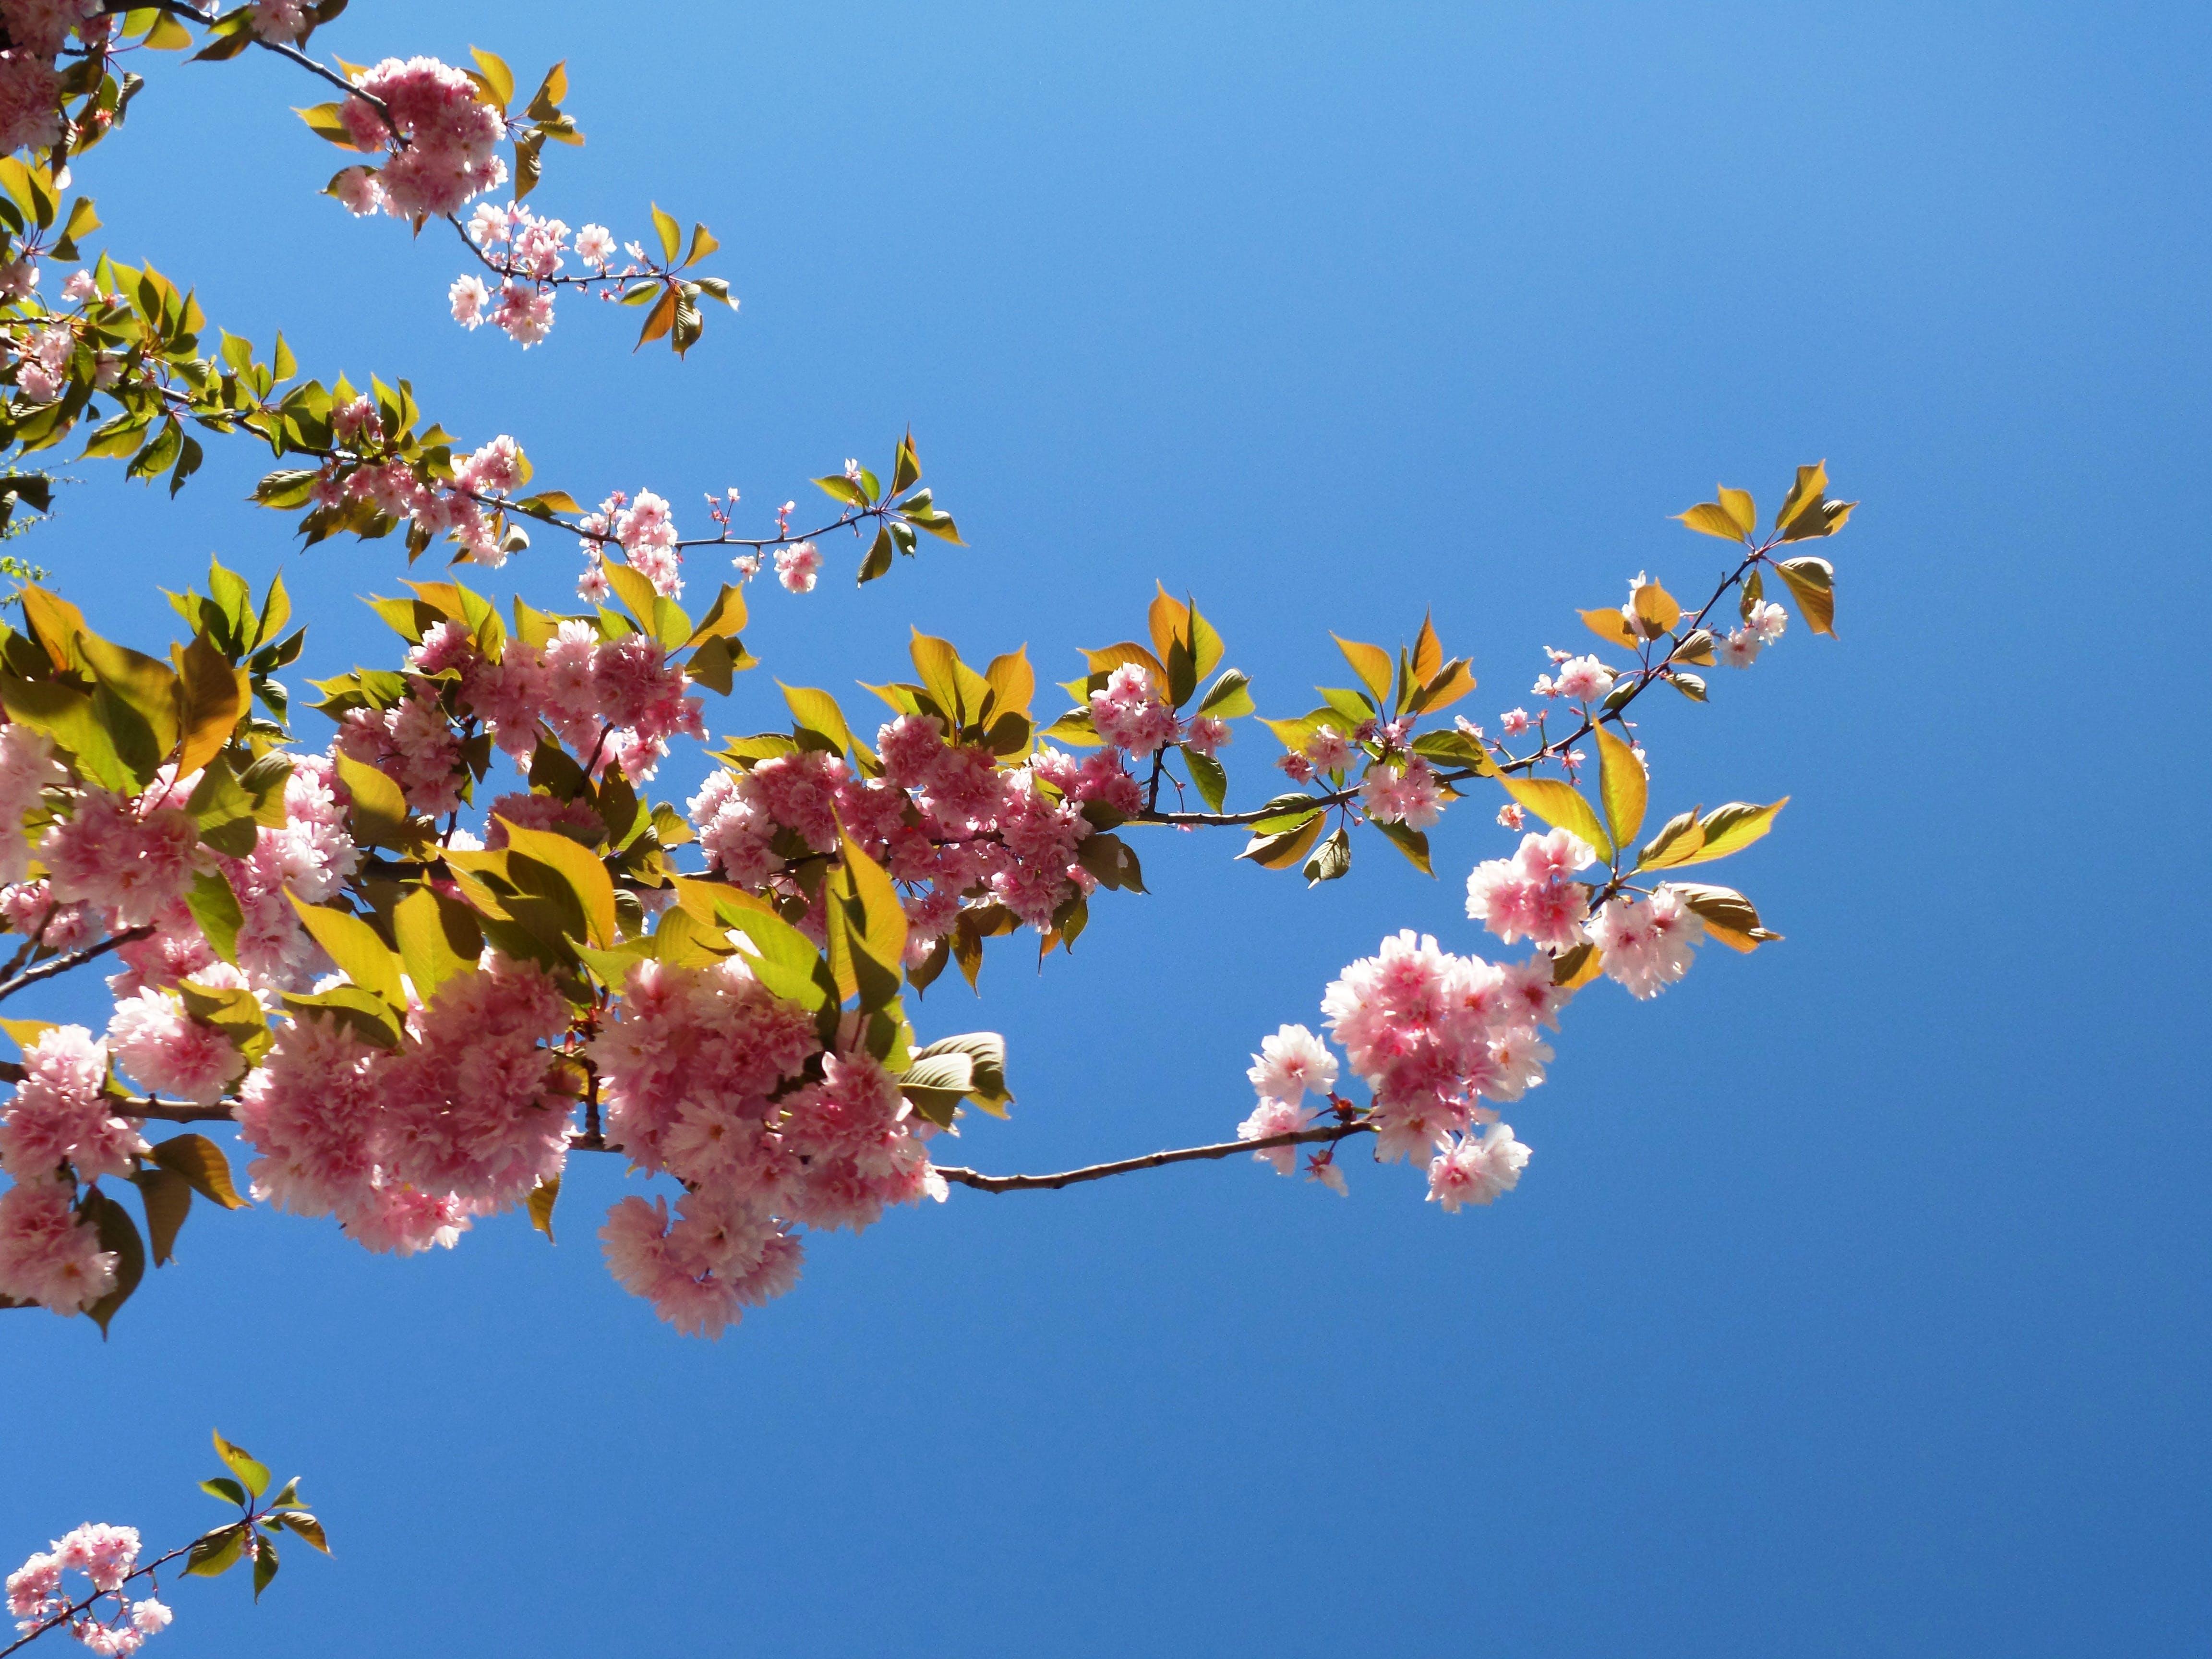 Free stock photo of bloom, blooming, blooming tree, fruit bloom